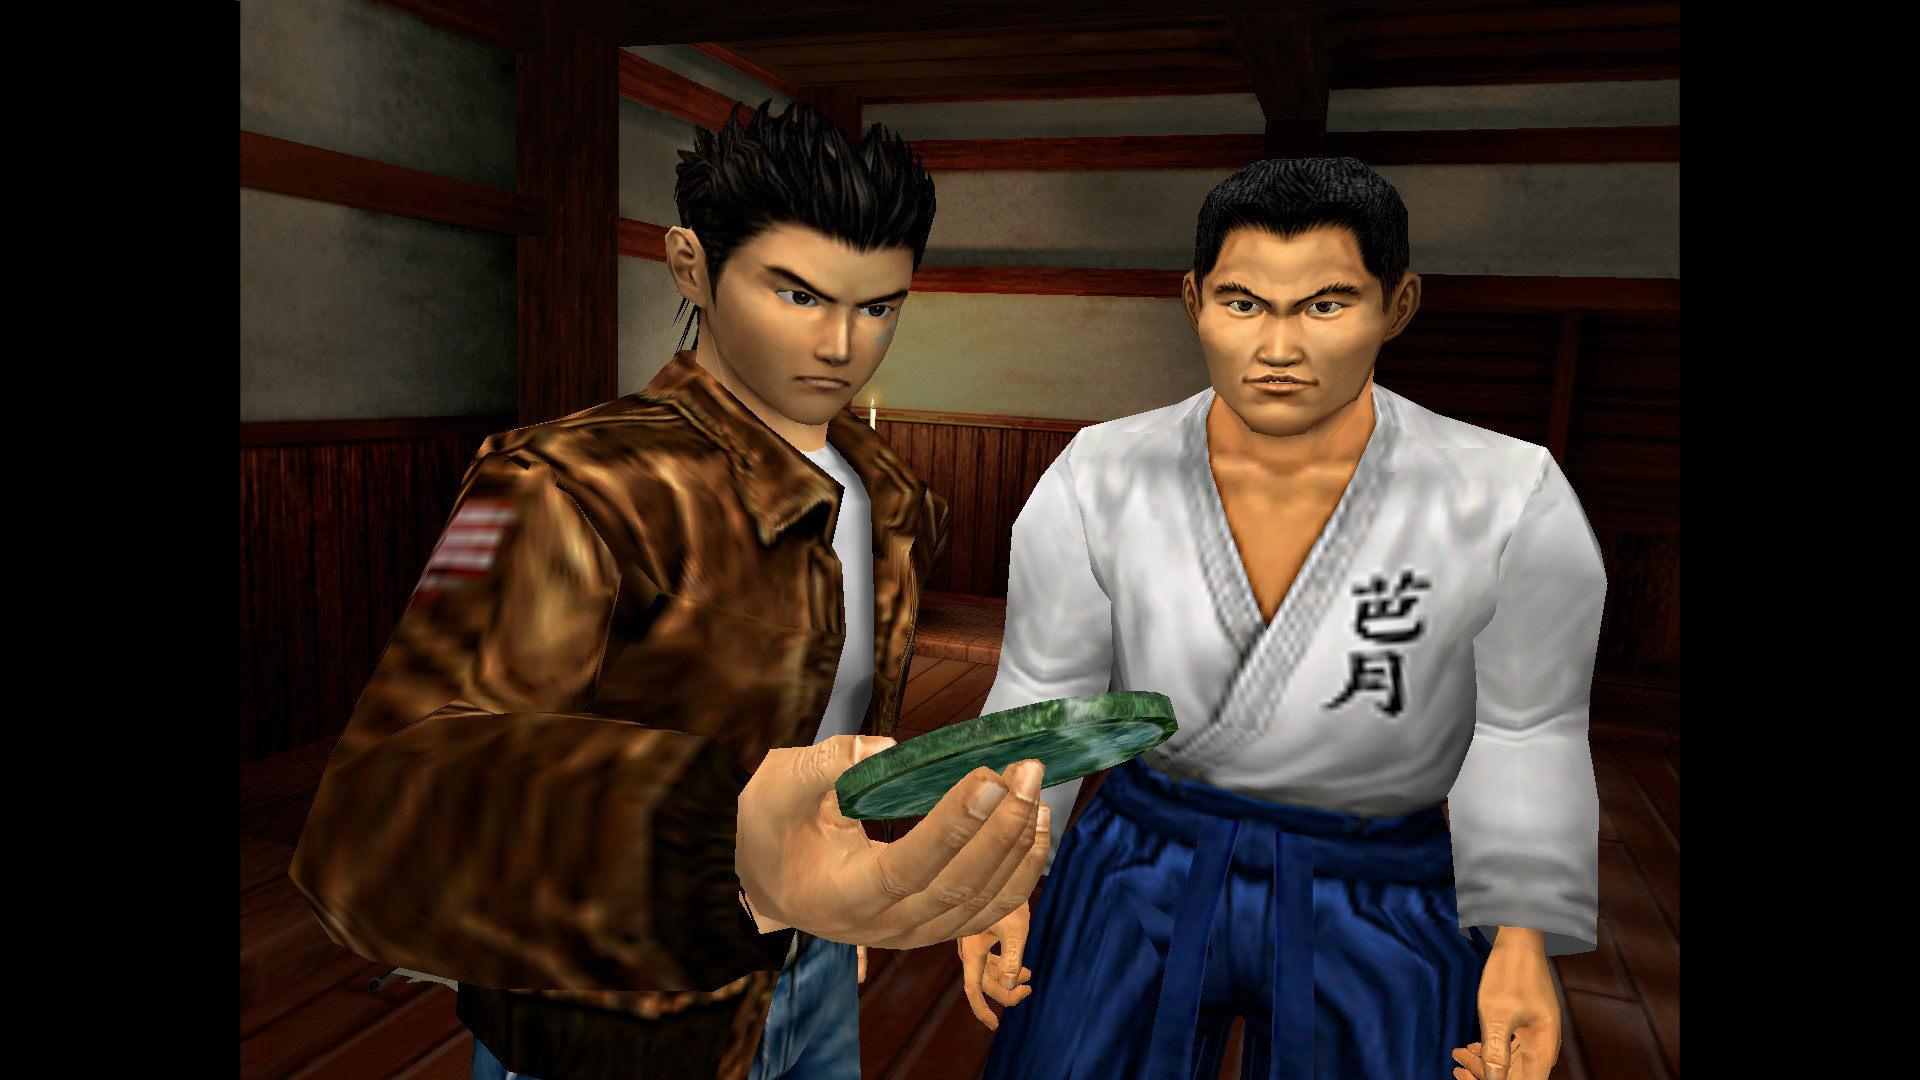 Disponibile la Patch 1.02 su PlayStation 4 e Xbox One